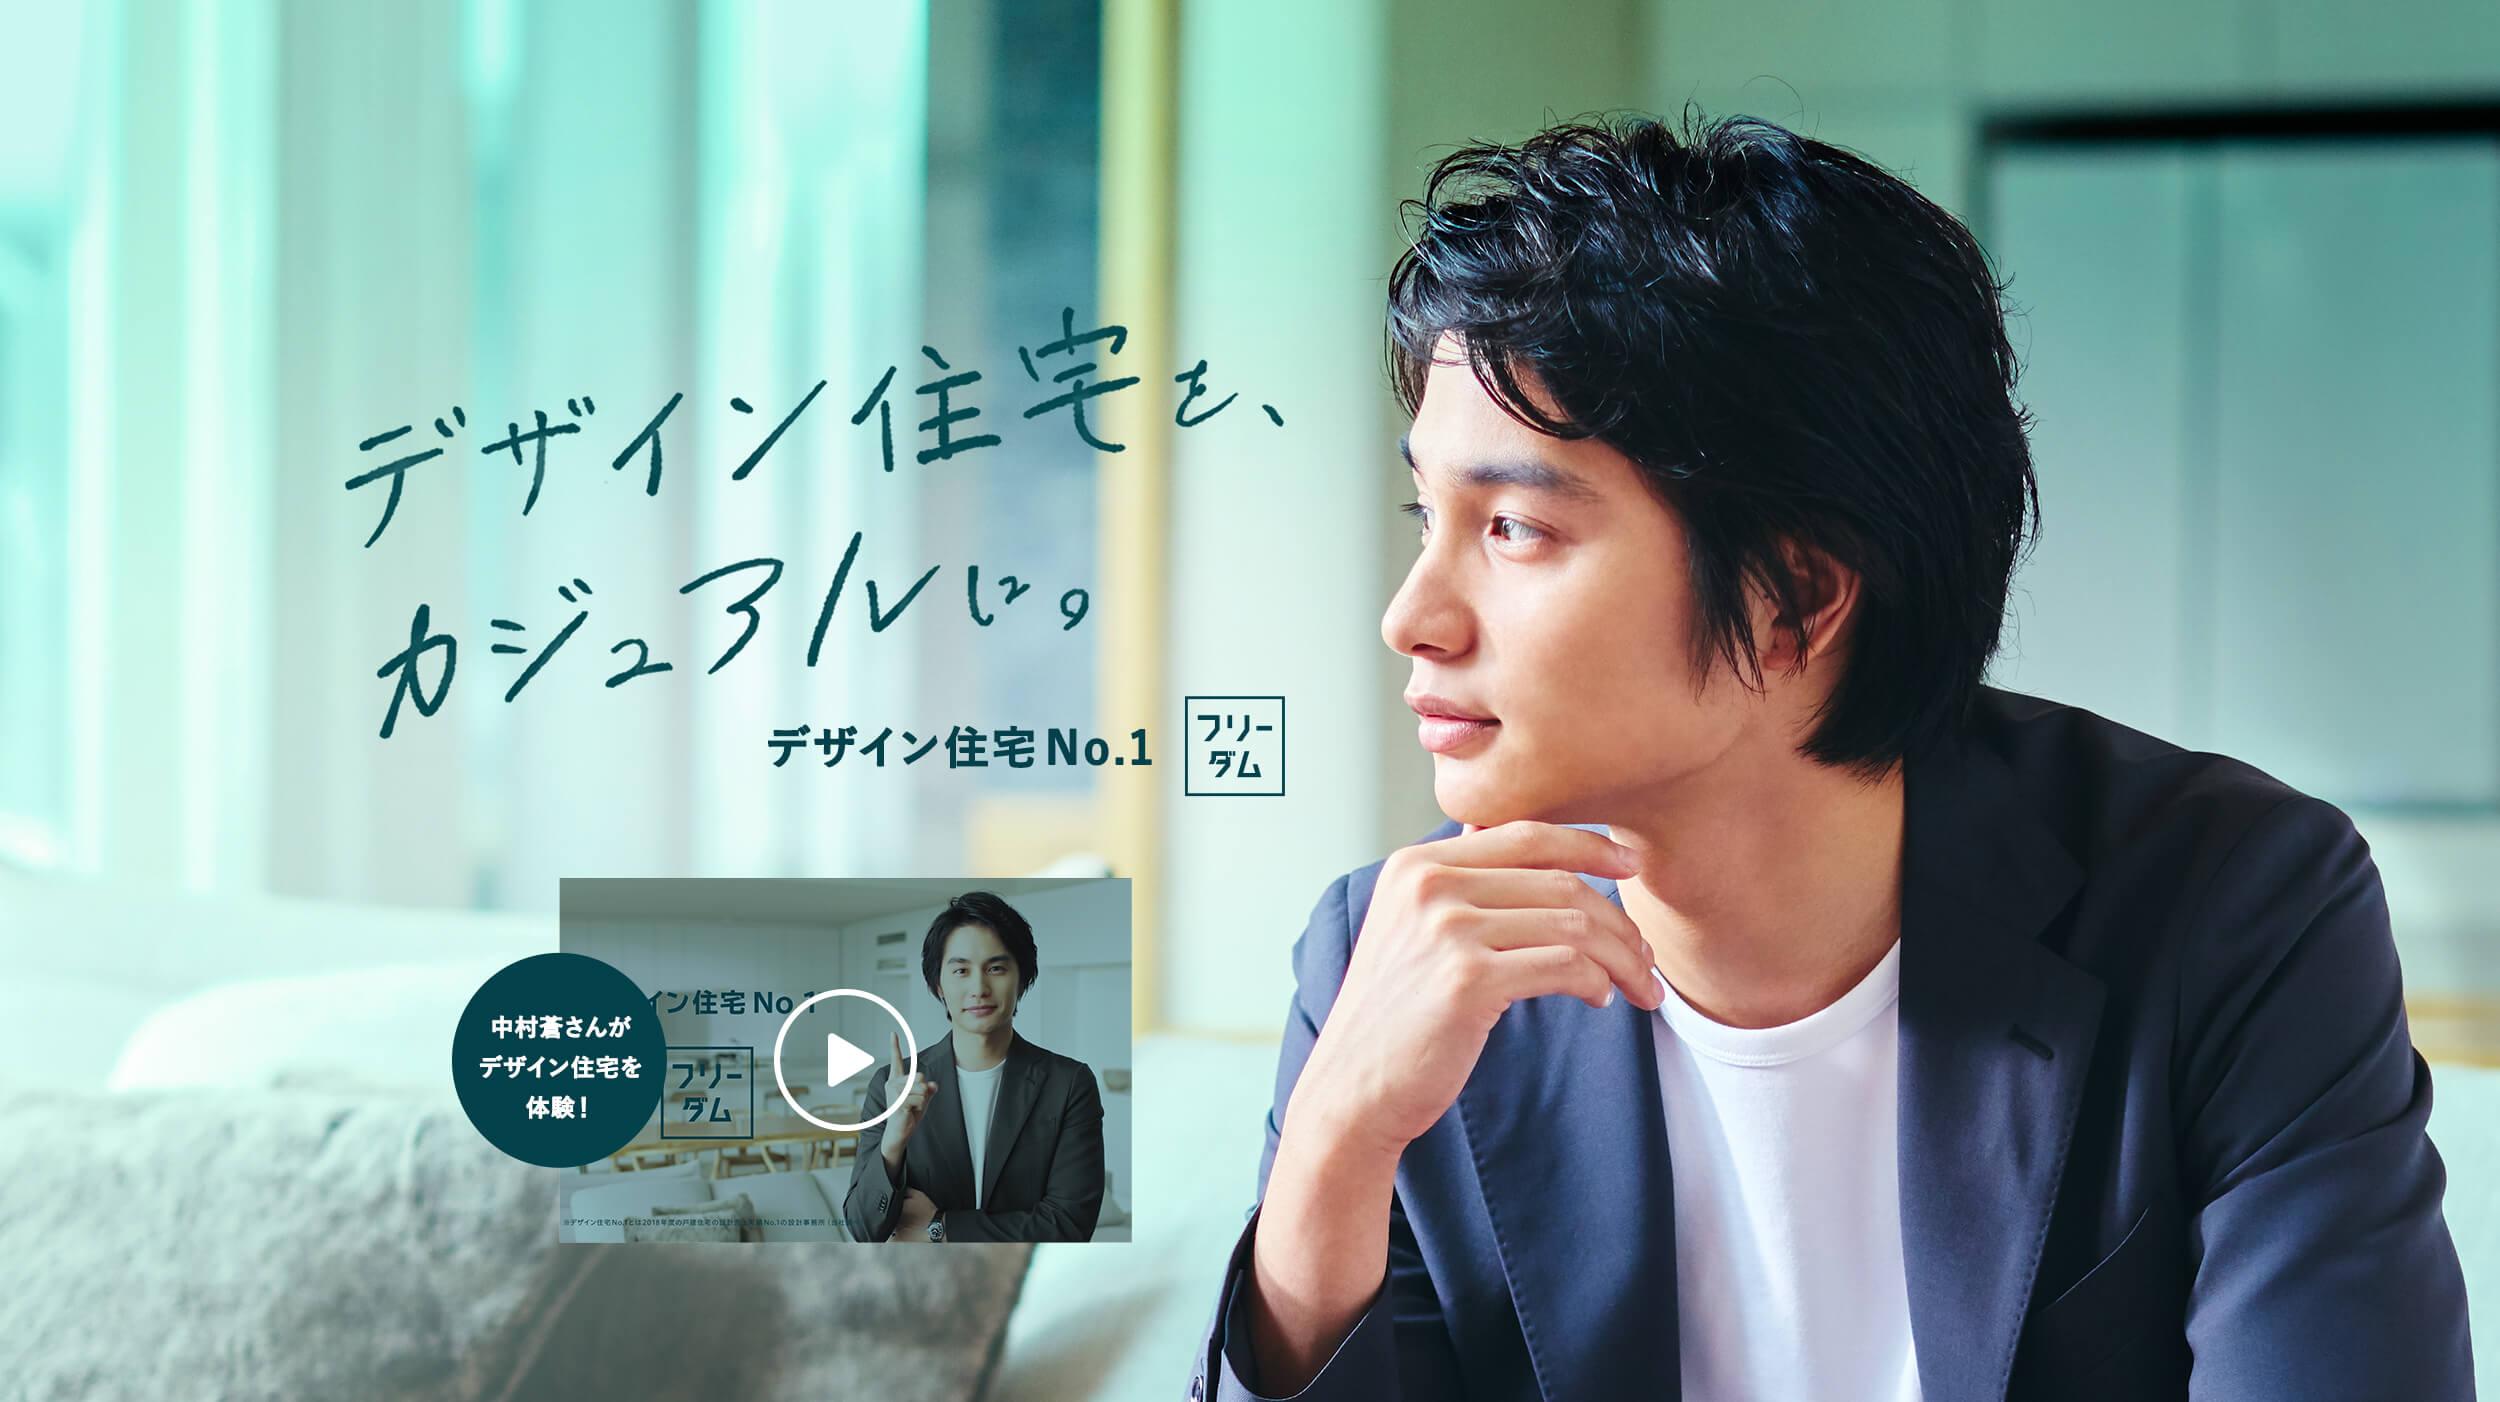 中村蒼さんを起用して資料請求が増加したデザイン住宅事務所のプロモーション